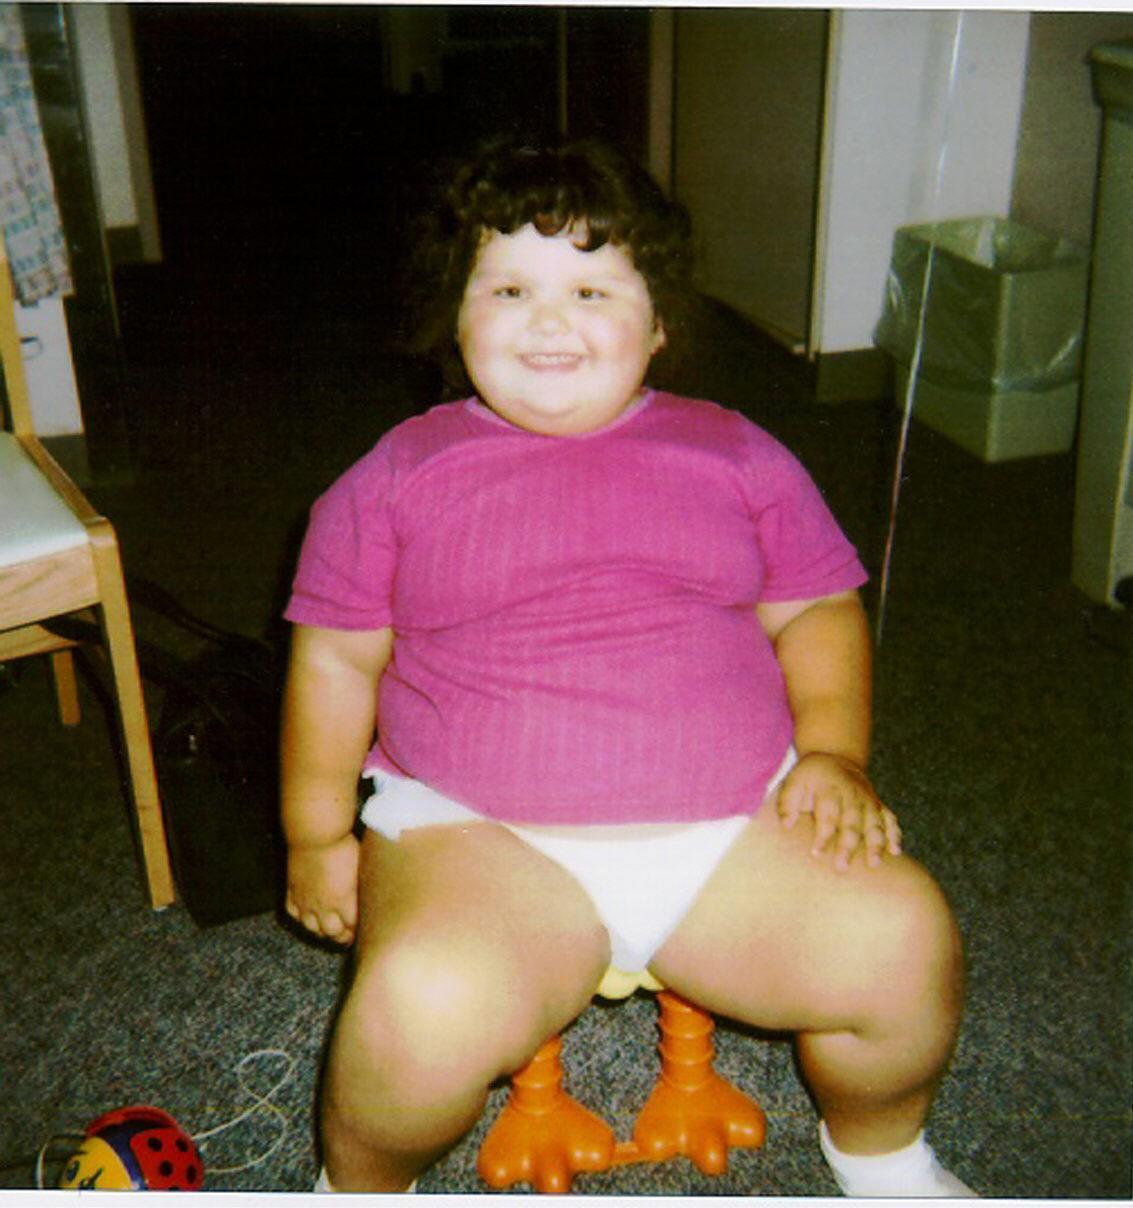 obesiad-sedentarismo-infantil.jpg